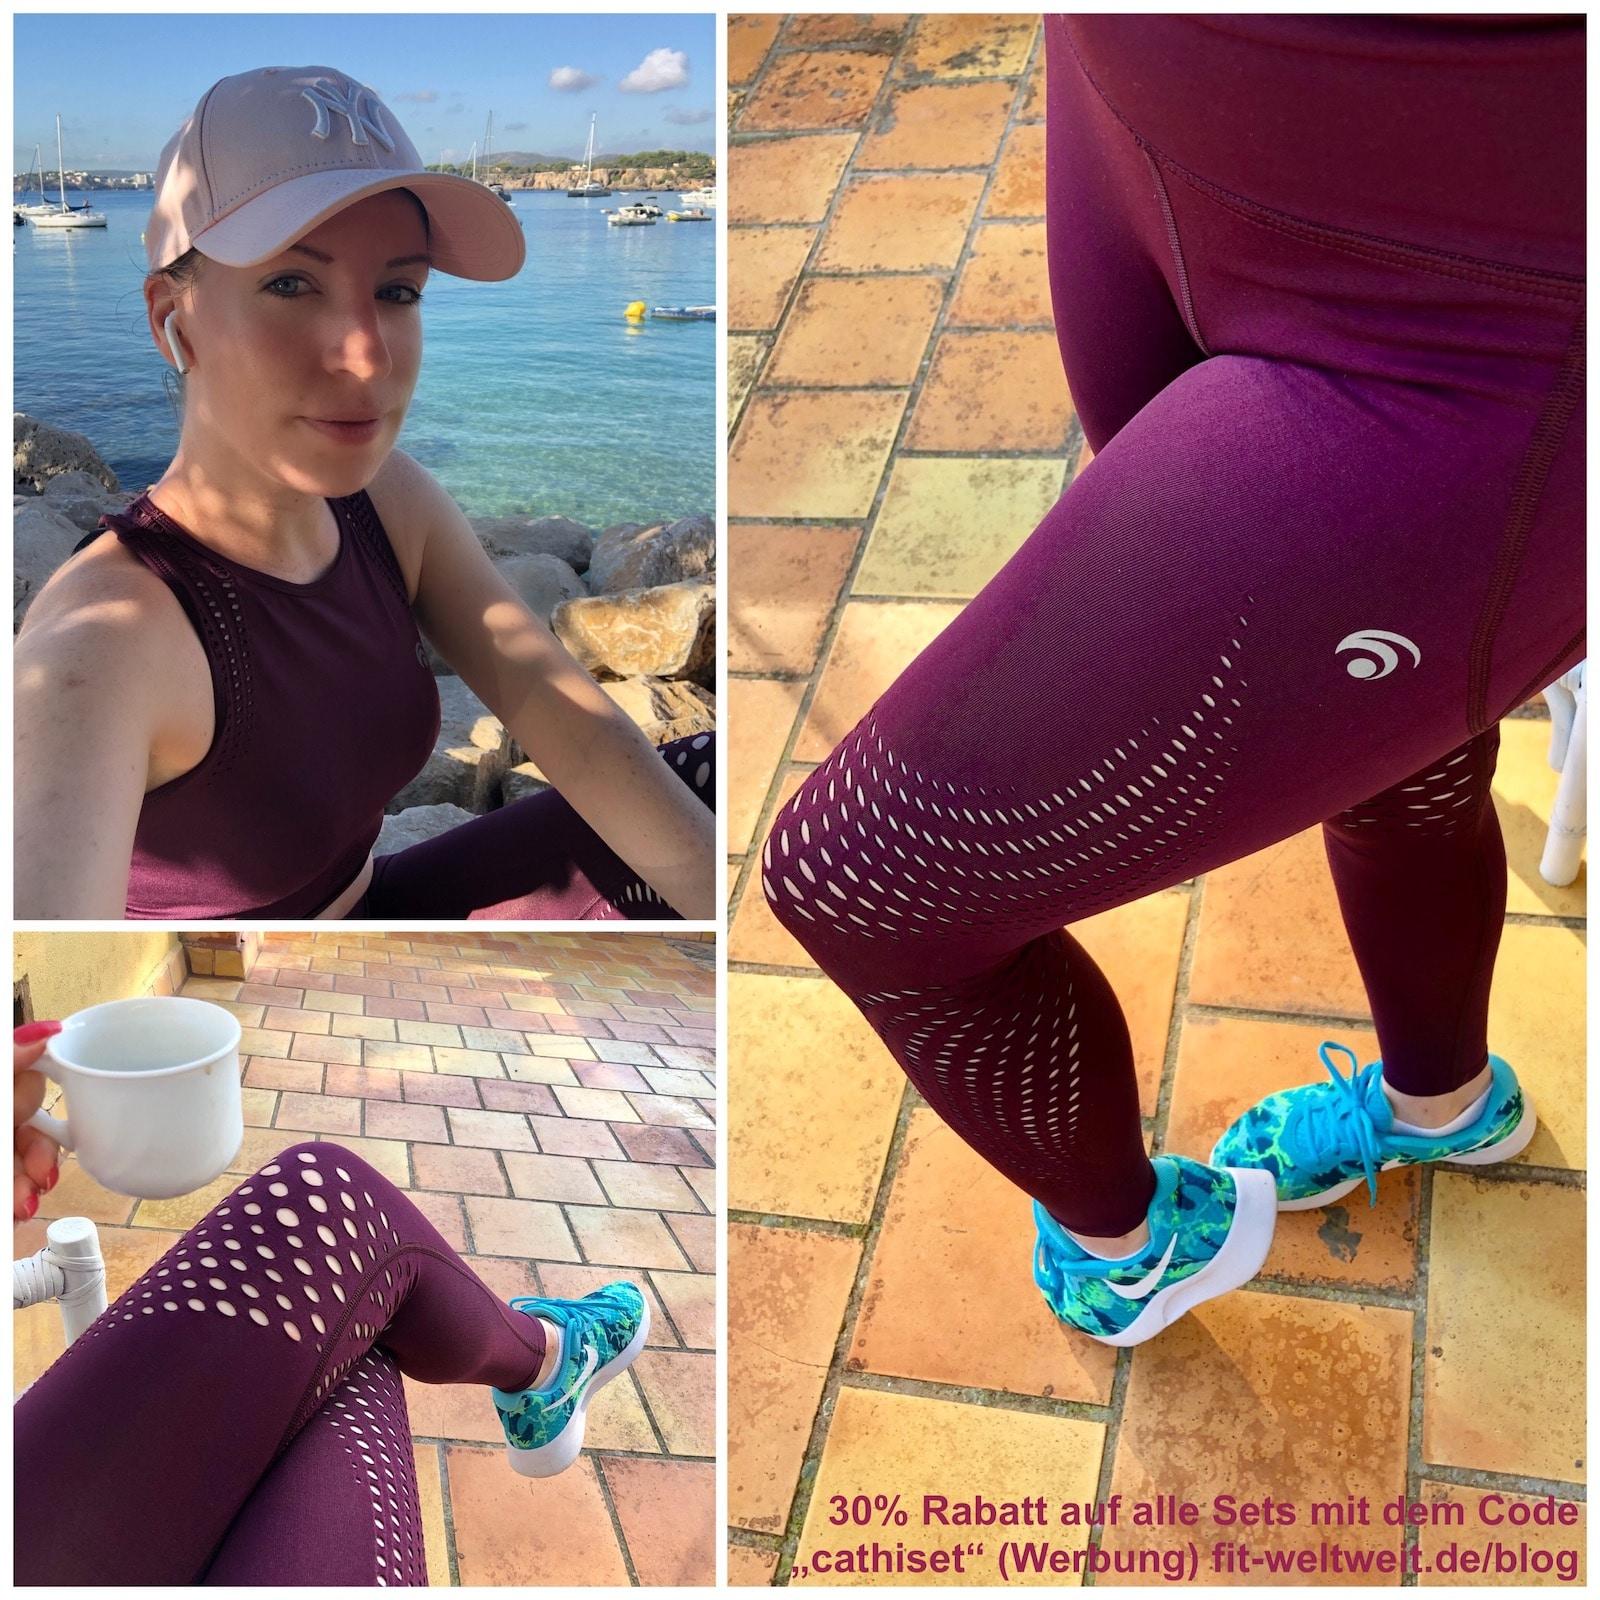 """Dieses Set ist vom Tragekomfort mega geil. Es hat wunderschöne Cut-Outs/Mesh Einsätze, die auch sehr sexy sind und der Figur schmeicheln mit Shape Effekt. Auch der Booty bekommt eine mega Form. Allerdings hat der Bra keine Cups, fühlt sich super weich an und ist für Yoga extrem gut geeignet. 30% Rabatt auf alle Sets bei #oceansapart mit dem Code """"cathiset"""" (Werbung). #yoga #fitnesswear #fitness #muskelaufbau #joggen"""